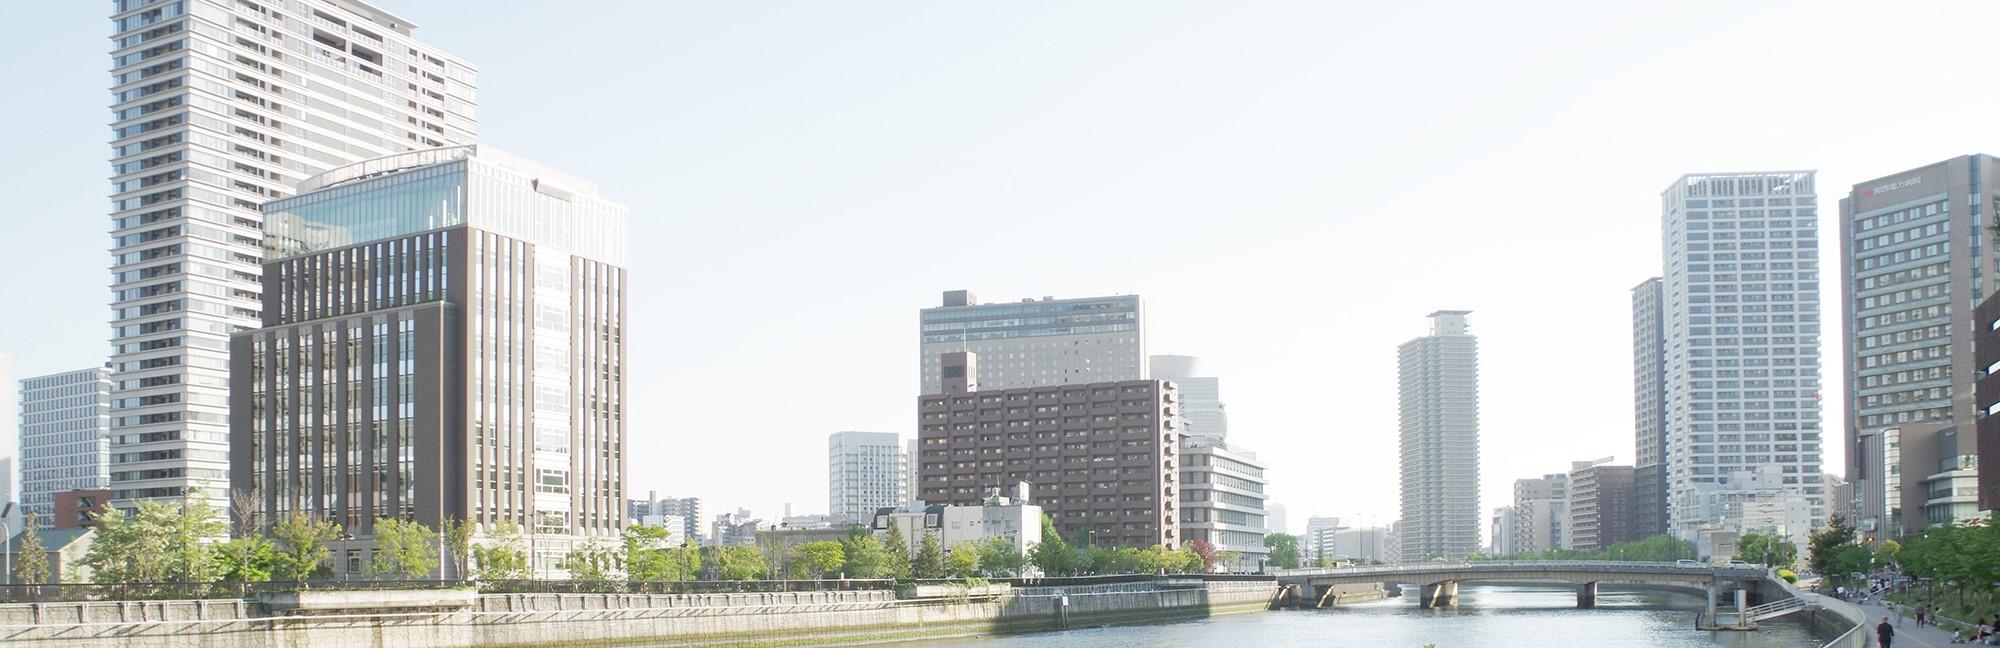 大阪のクオレ法律事務所 弁護士多田大介